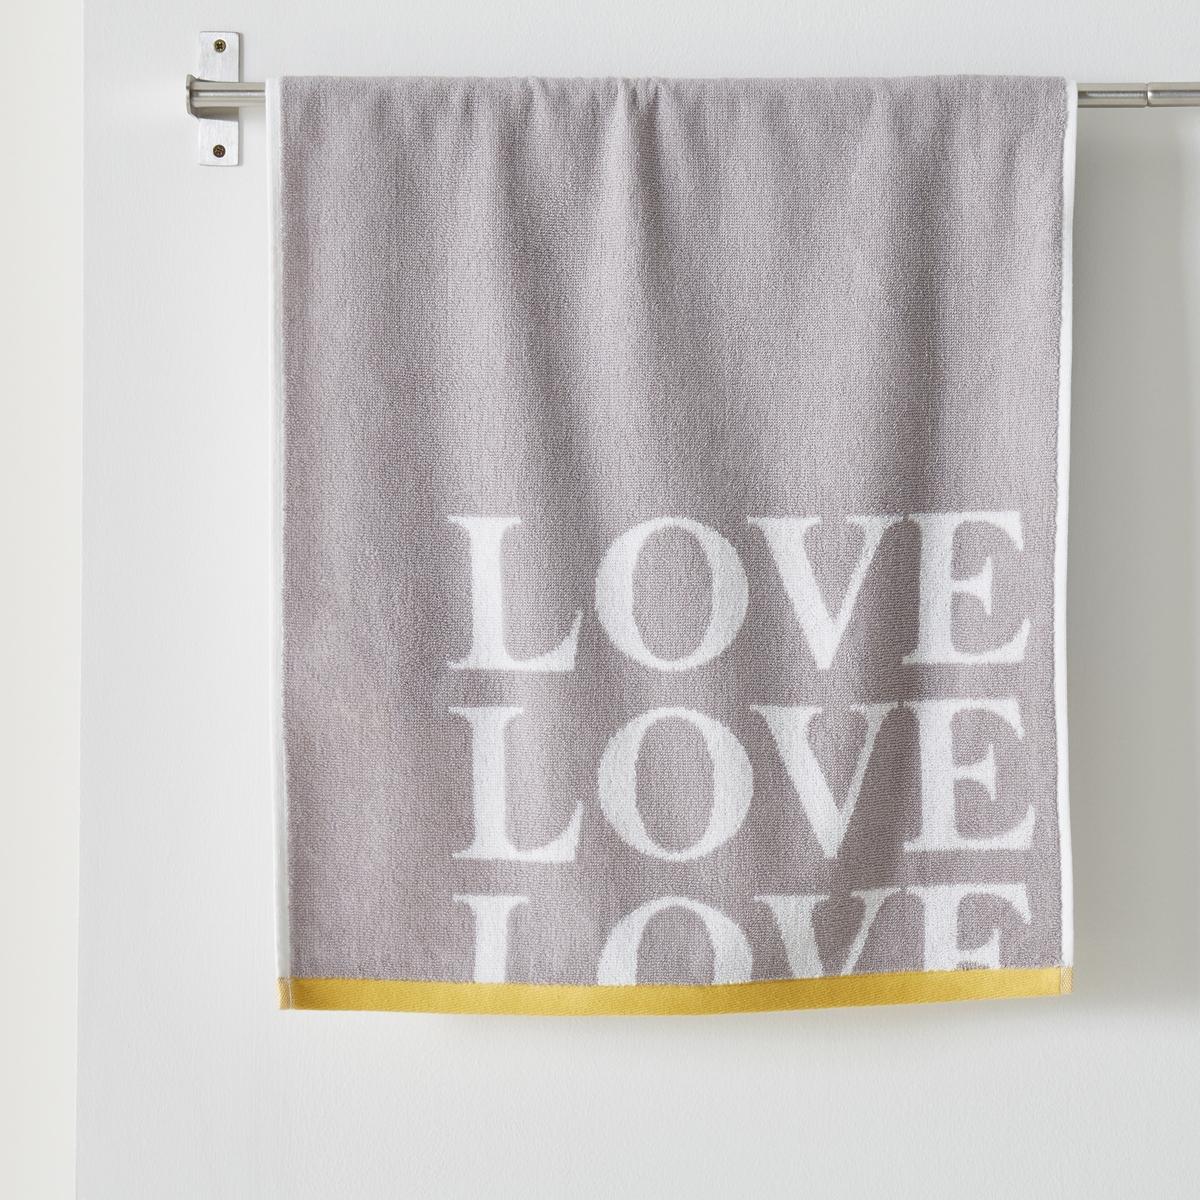 Полотенце банное LOVE, хлопковое.Полотенце банное LOVE, хлопковое. Вам понравится банное полотенце LOVE из мягкого и плотного хлопка ! Модная контрастная кромка.Характеристики банного полотенца  :Материал : махровая ткань из 100% хлопка 450 г/м?.Уход : машинная стирка при 60°.Размеры банного полотенца :70 x 140 см.    На нашем сайте вы также можете найти полотенца и банные полотенца формата макси.<br><br>Цвет: антрацит,серый жемчужный<br>Размер: 70 x 140  см.70 x 140  см